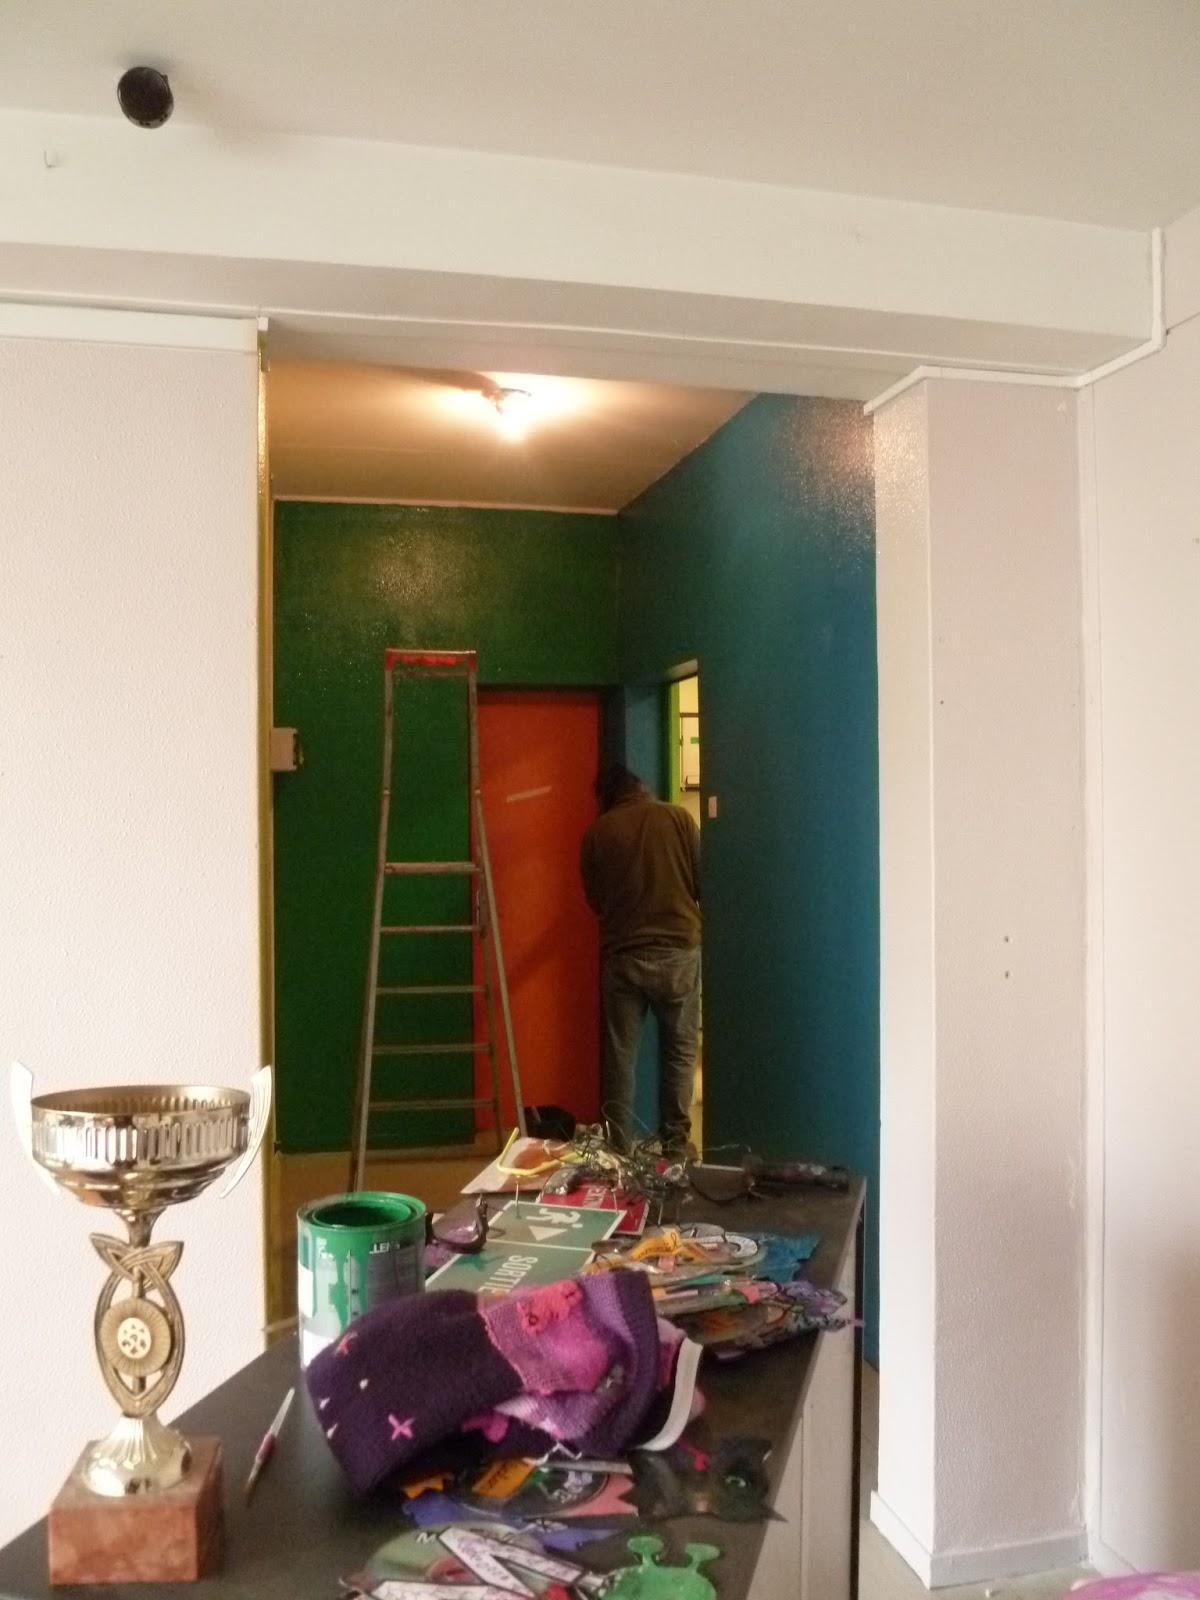 Lesdins blog infos les travaux de peinture l 39 cole for Les travaux de peinture